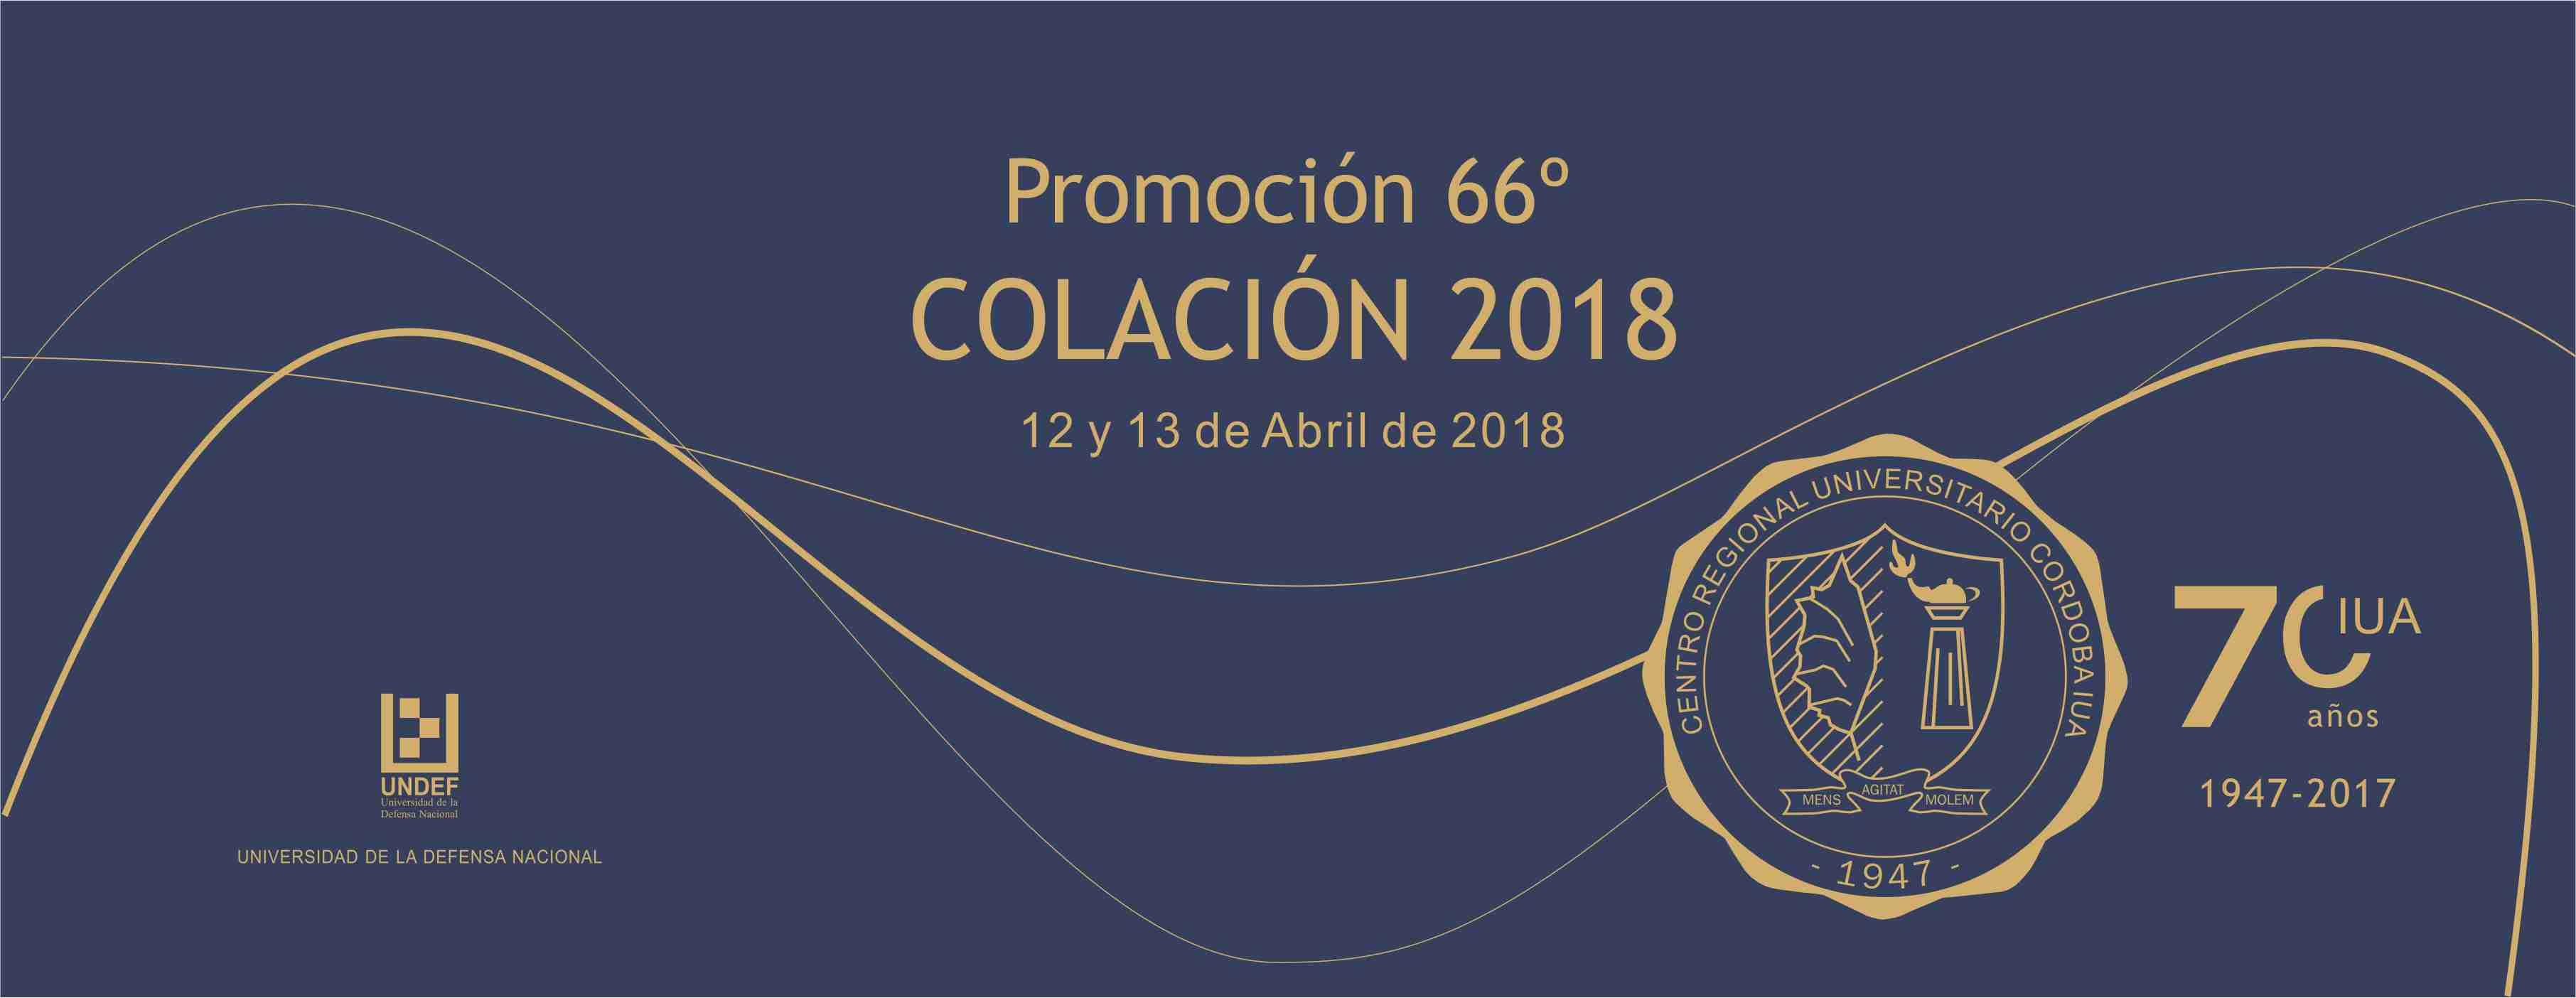 Colaciones de Grado 2018 - Promoción  66º - 12 y 13 de abril